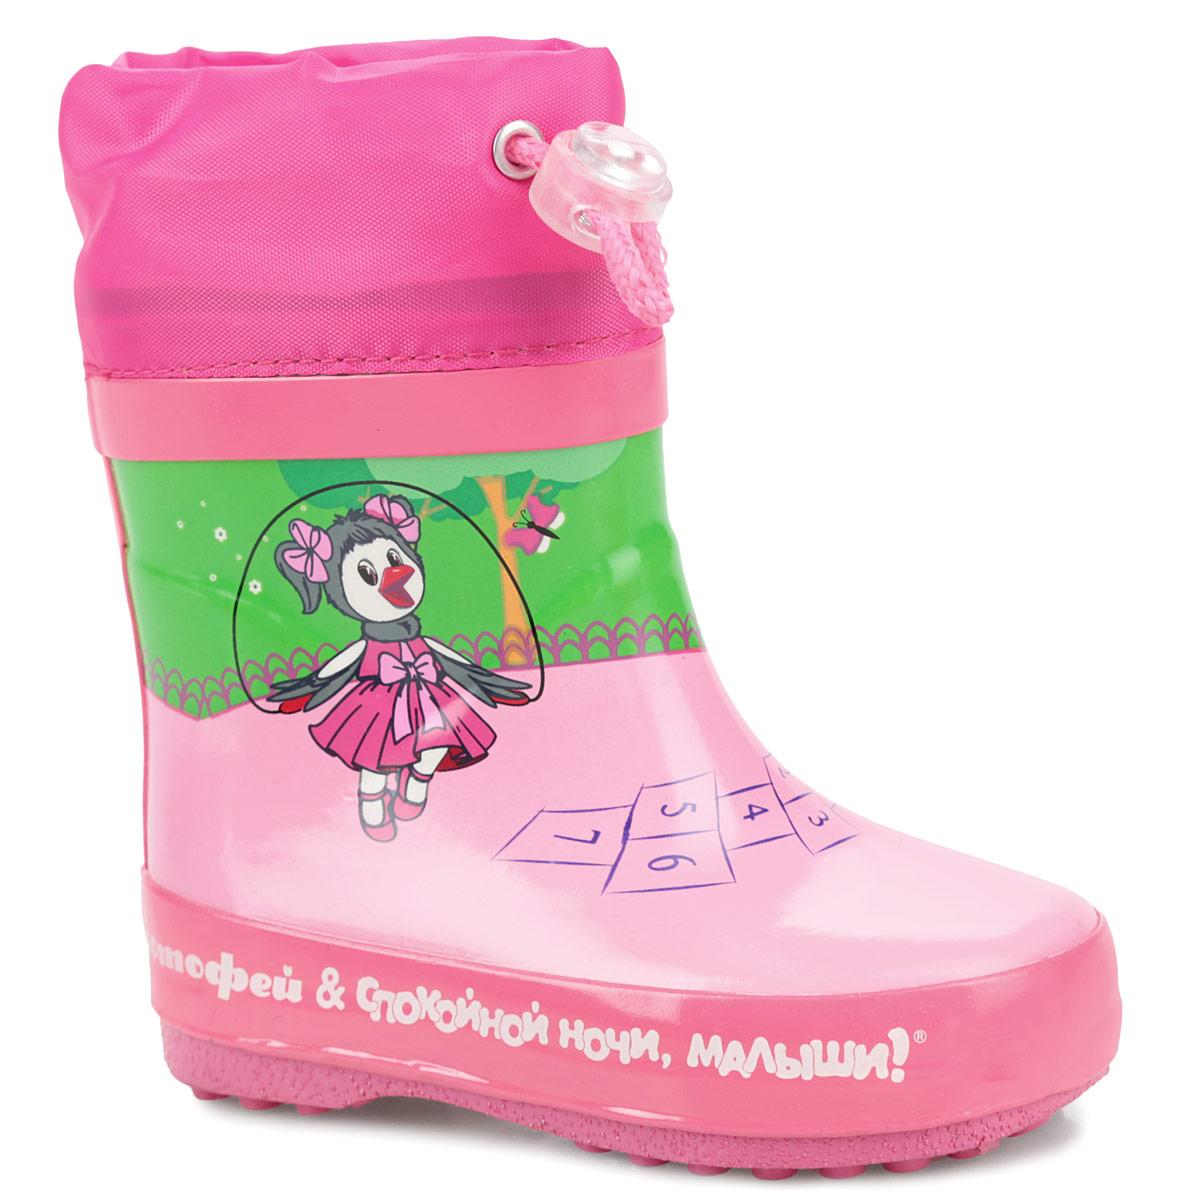 Сапоги резиновые для девочки. 166047-11166047-11Симпатичные резиновые сапожки Котофей для девочки - идеальная обувь в дождливую погоду. Сапоги выполнены из качественной резины, оформлены изображением героини Спокойной ночи, малыши - Каркушей. Подкладка выполнена из натуральных хлопковых материалов. Текстильный верх голенища регулируется в объеме за счет шнурка с бегунком. Резиновые сапожки прекрасно защитят ножки вашего ребенка от промокания в дождливый день.